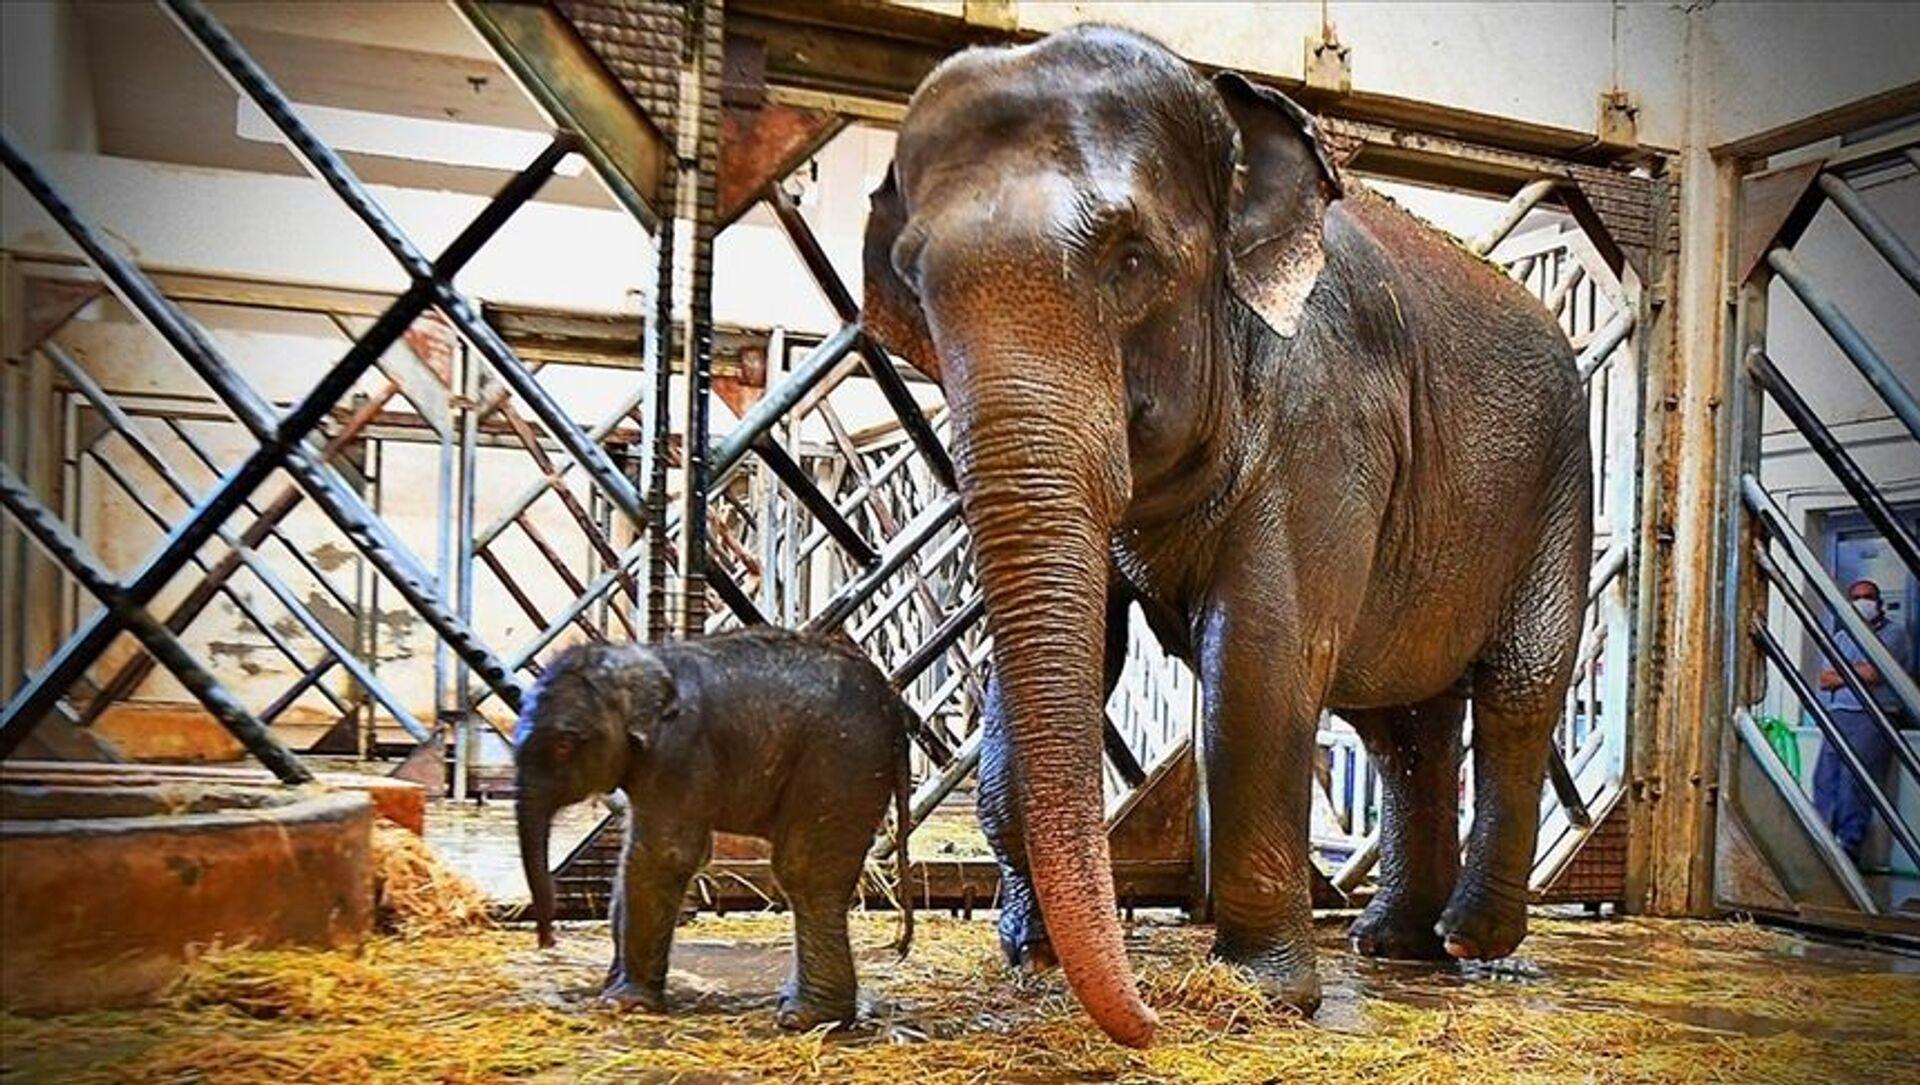 İzmir Doğal Yaşam Parkı'nda yavru fil heyecanı: Begümcan doğum yaptı - Sputnik Türkiye, 1920, 20.06.2021